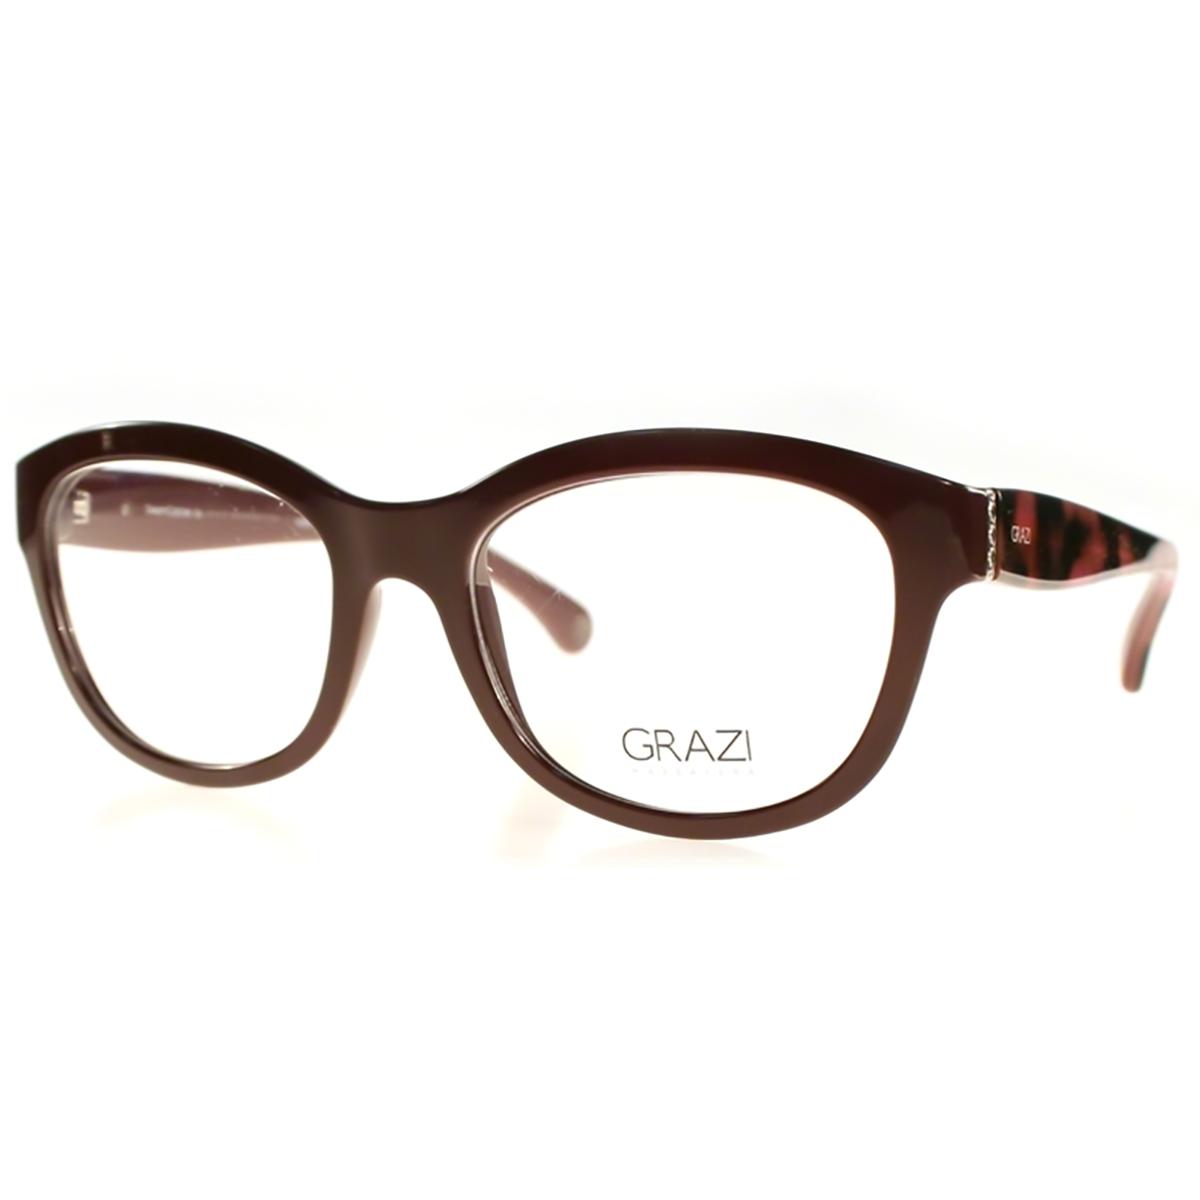 Compre Óculos de Grau Grazi Massafera em 10X   Tri-Jóia Shop 119a160acf